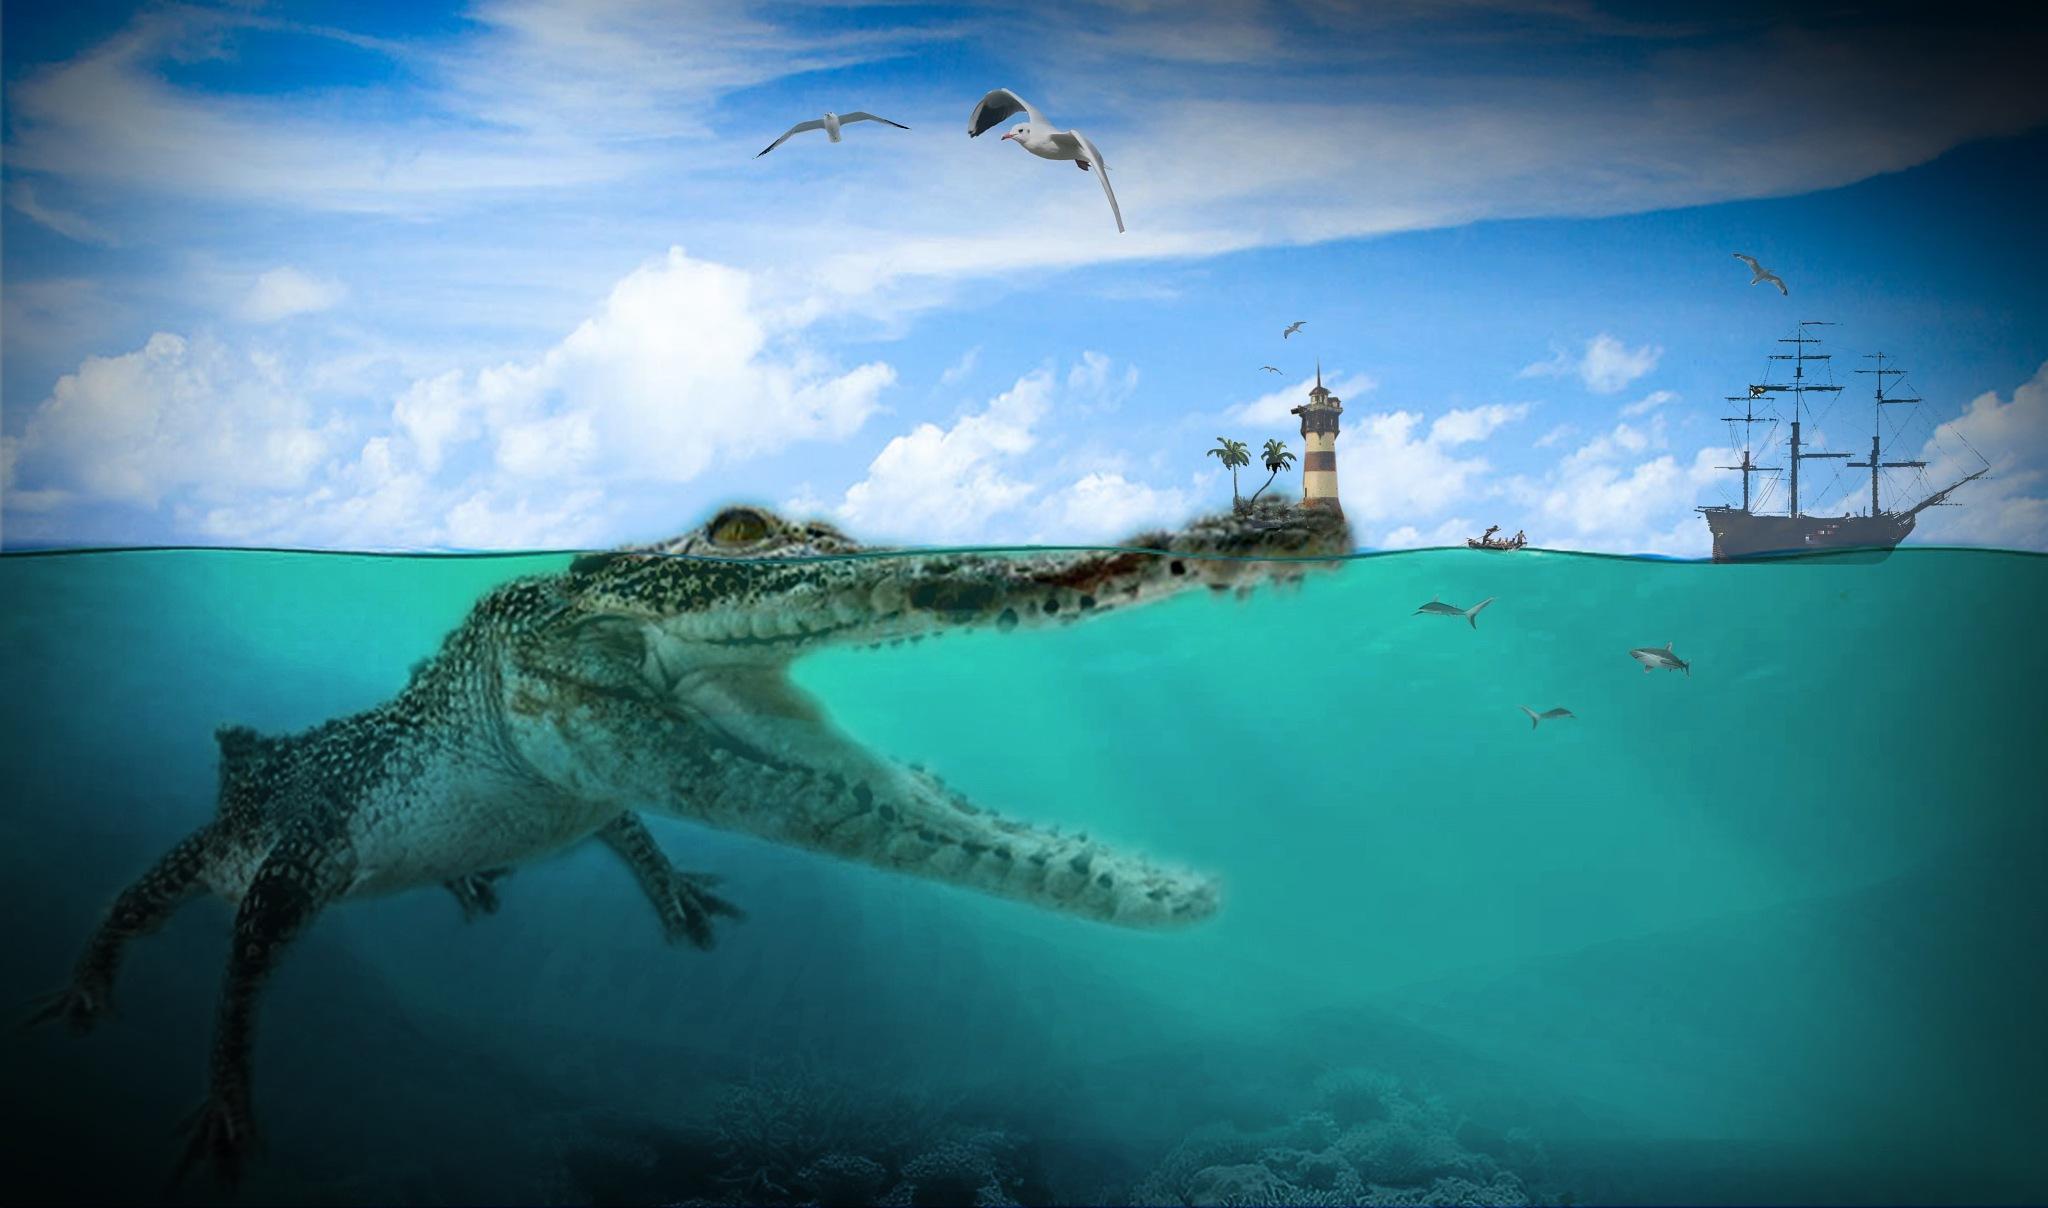 Escape from Kroko Island  by qlpixxfotoart